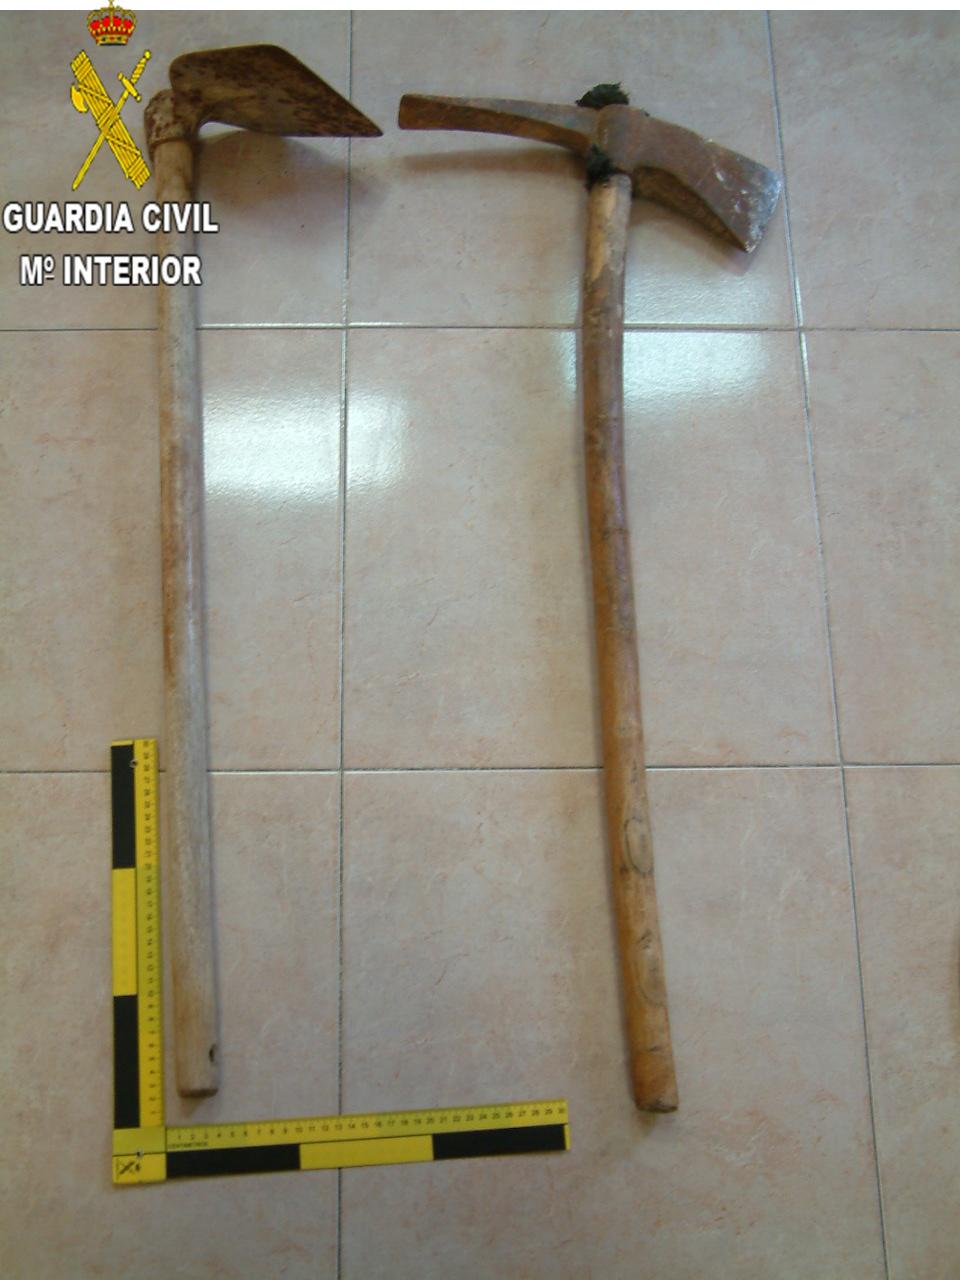 Se han incautado varias armas blancas, así como otros objetos peligrosos, como hachas y herramientas cortantes que empleaban en los robos.